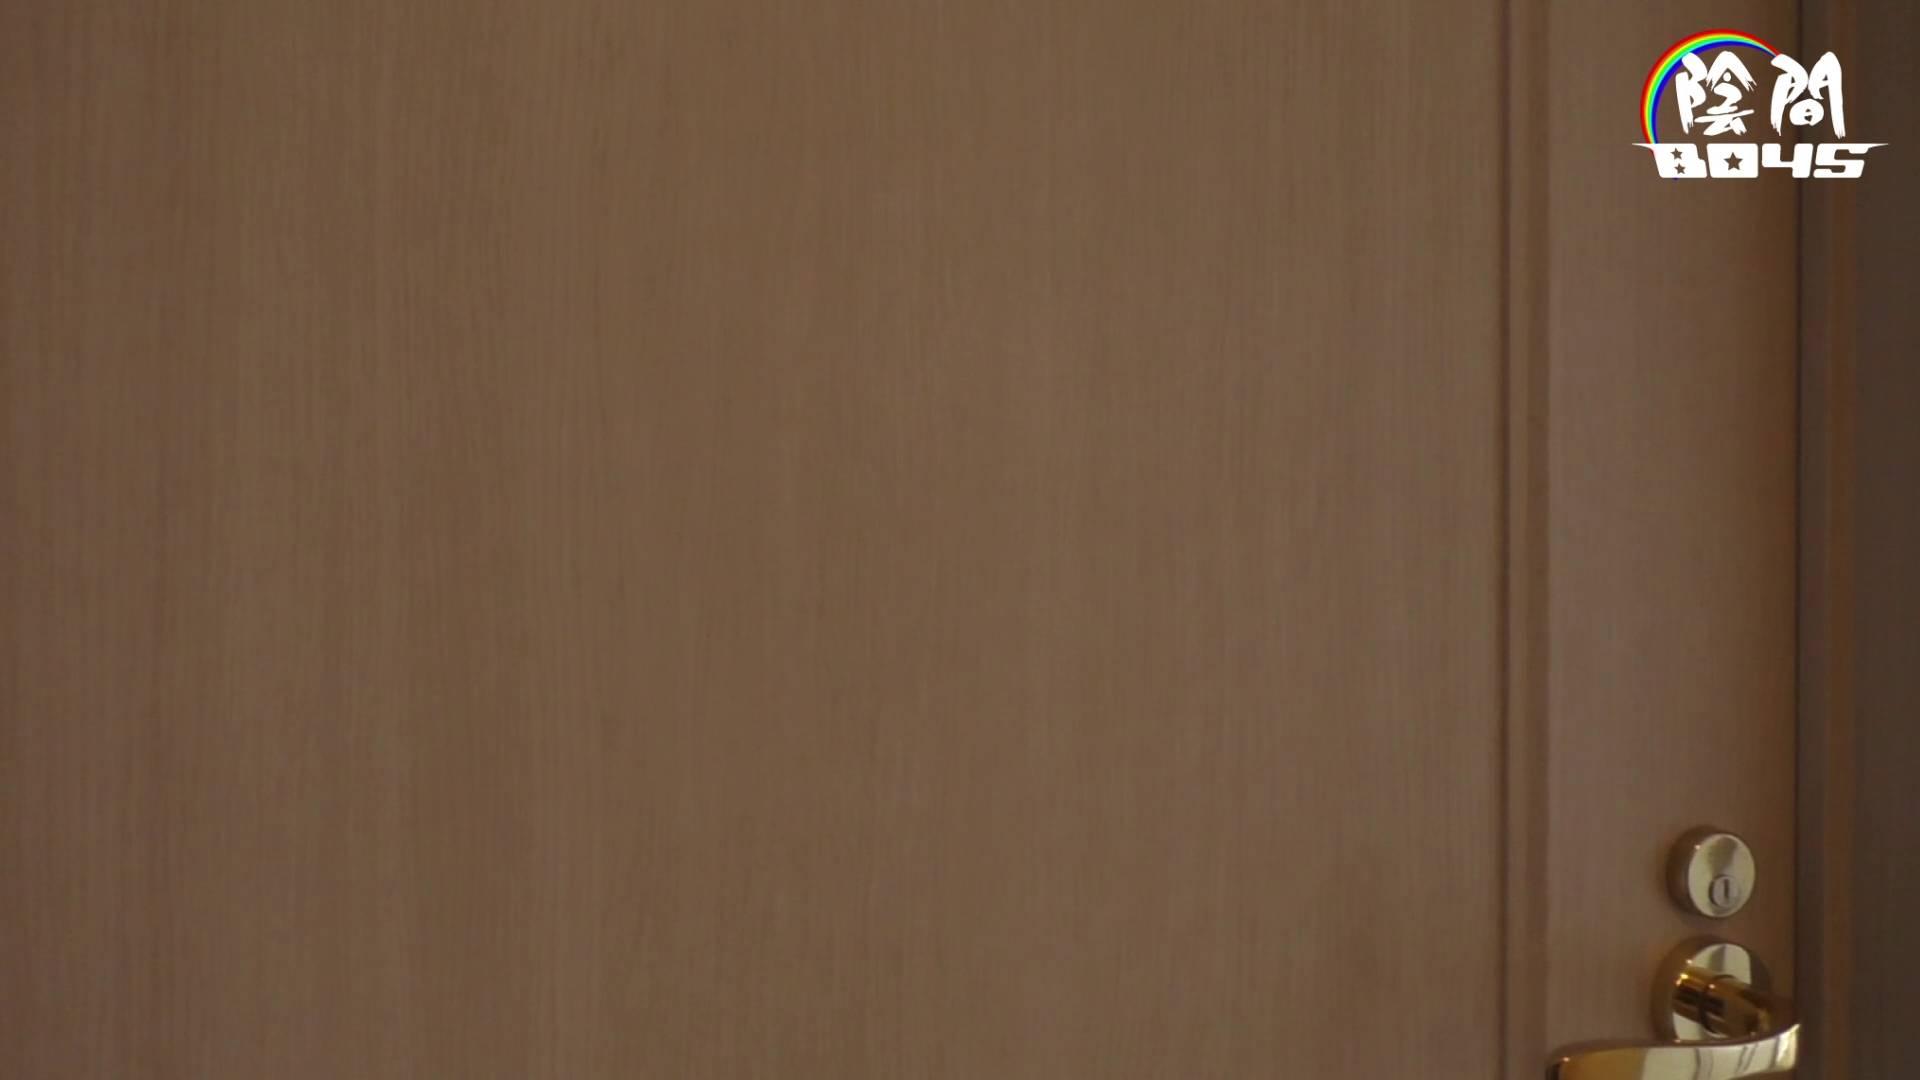 「君のアナルは」part1 ~ノンケの掟破り~Vol.03 お尻の穴 男同士画像 112pic 92